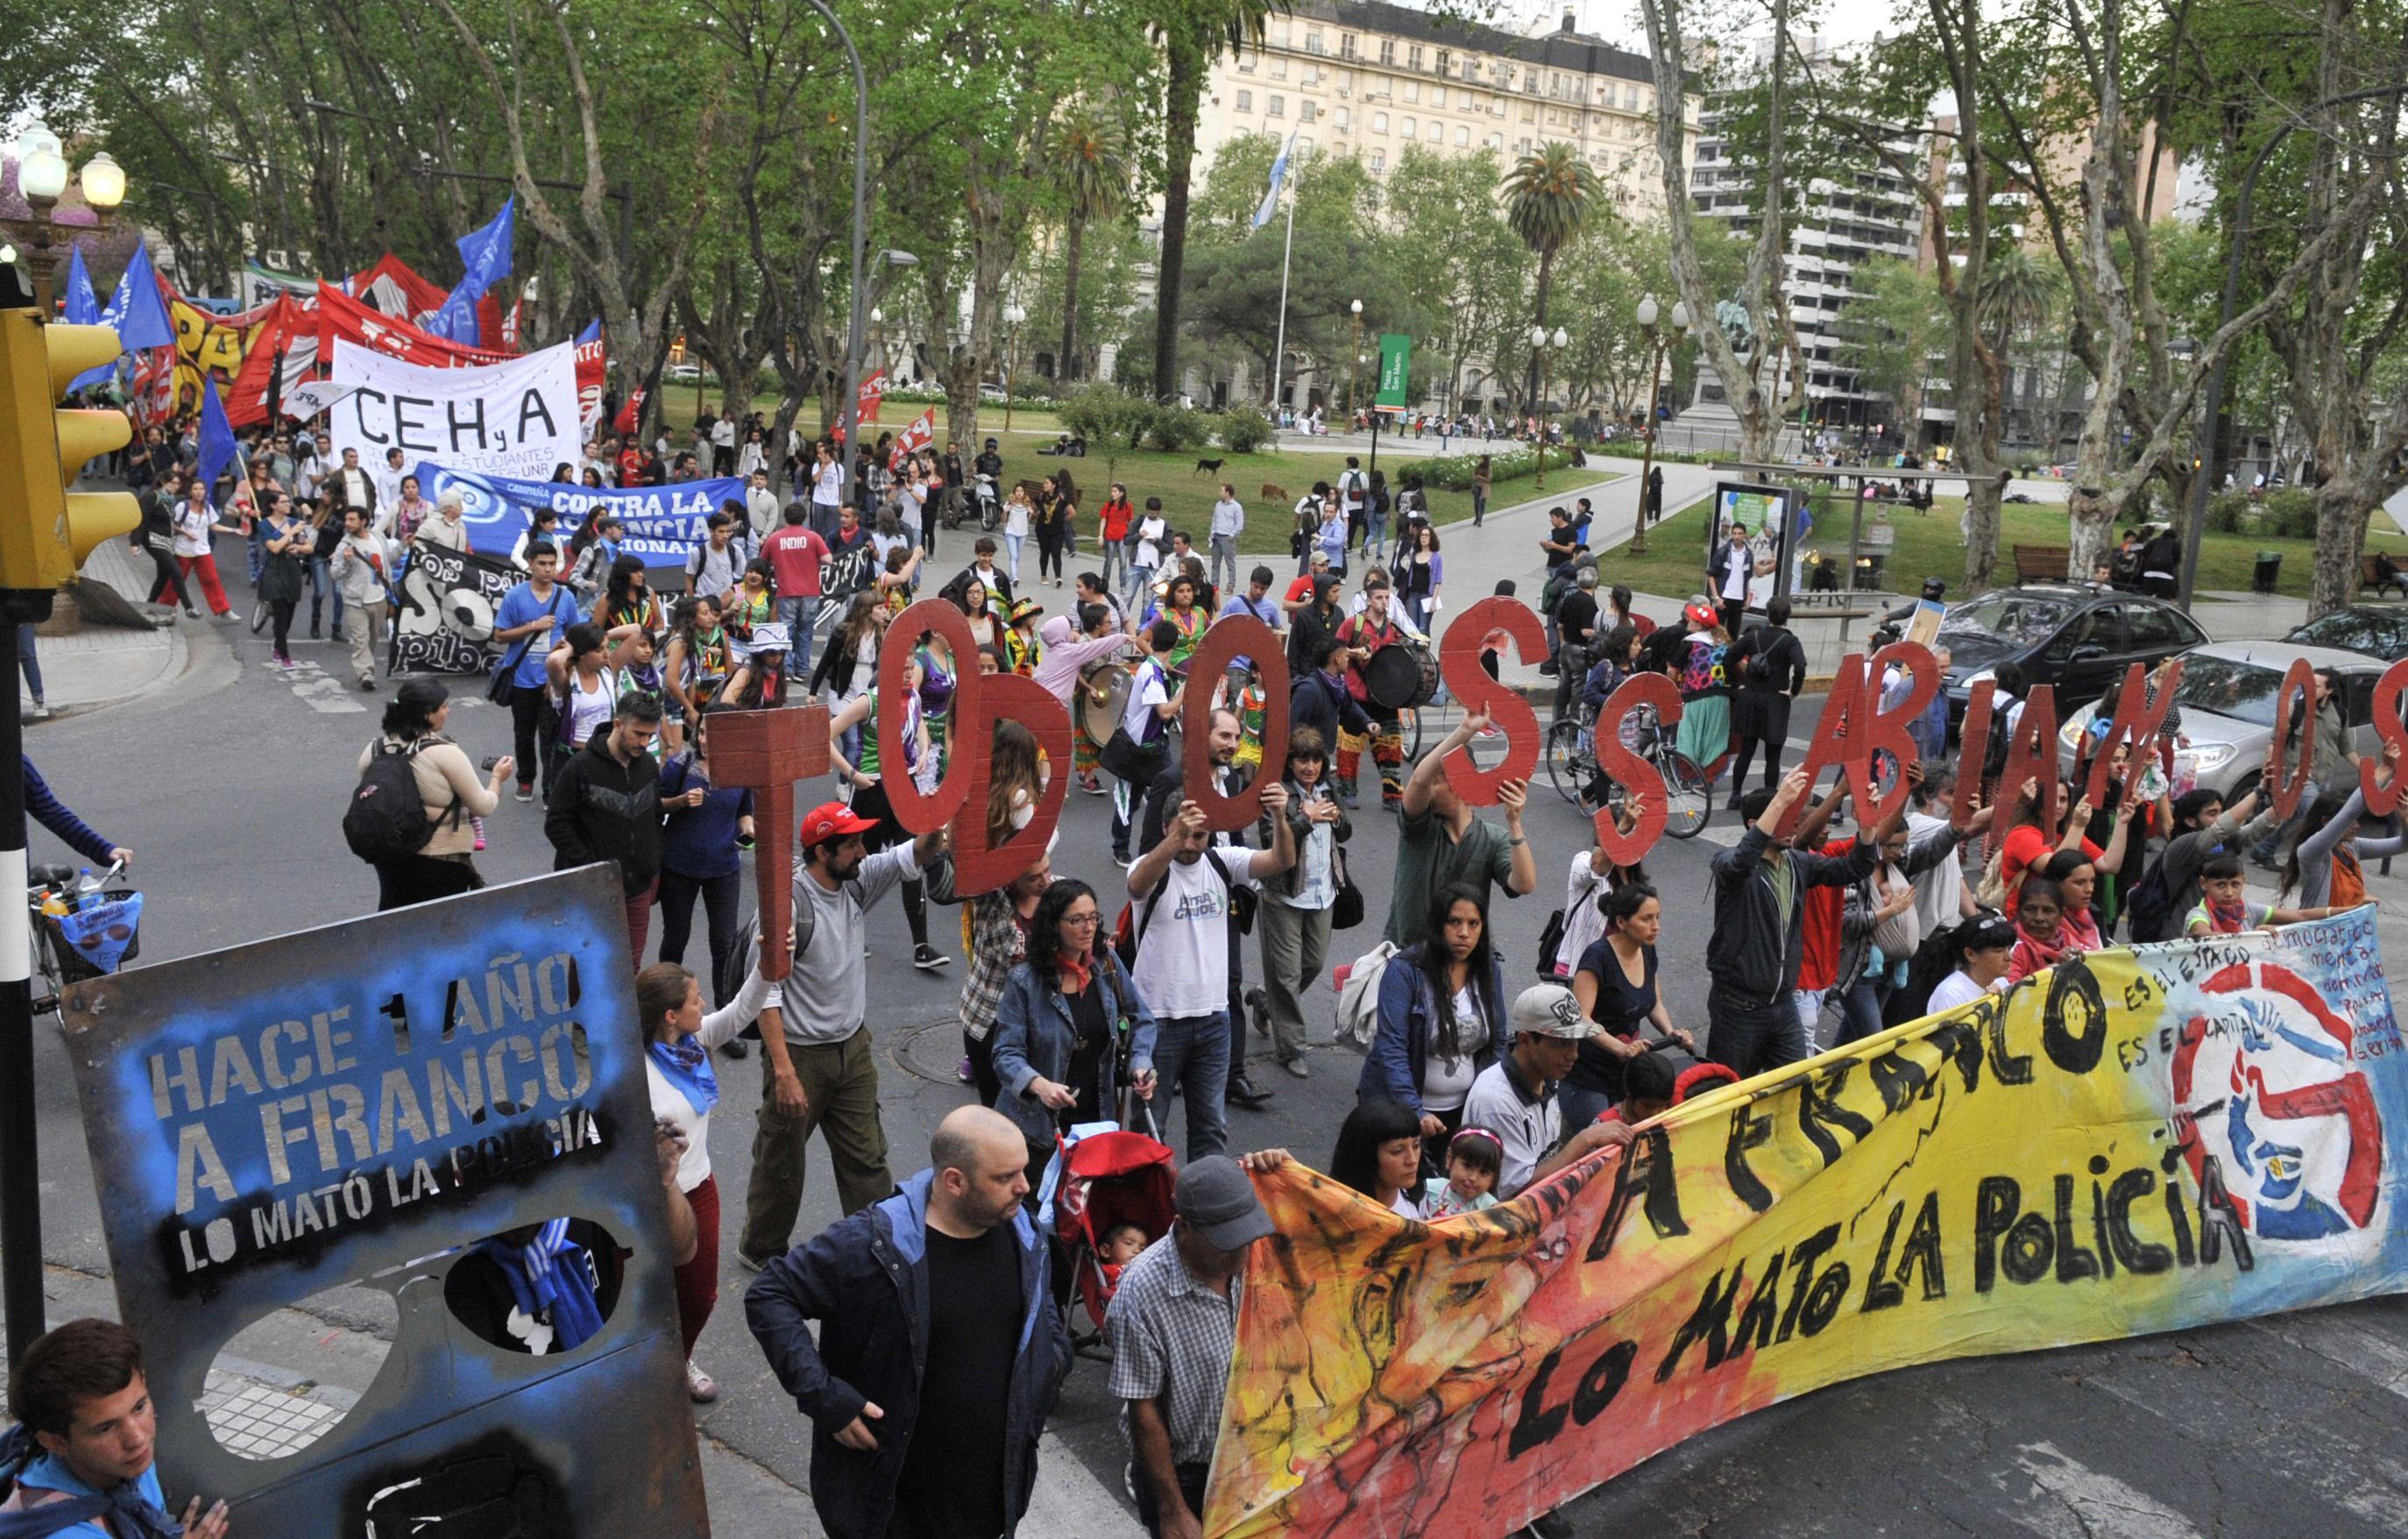 La marcha encabezada por los padres de Franco